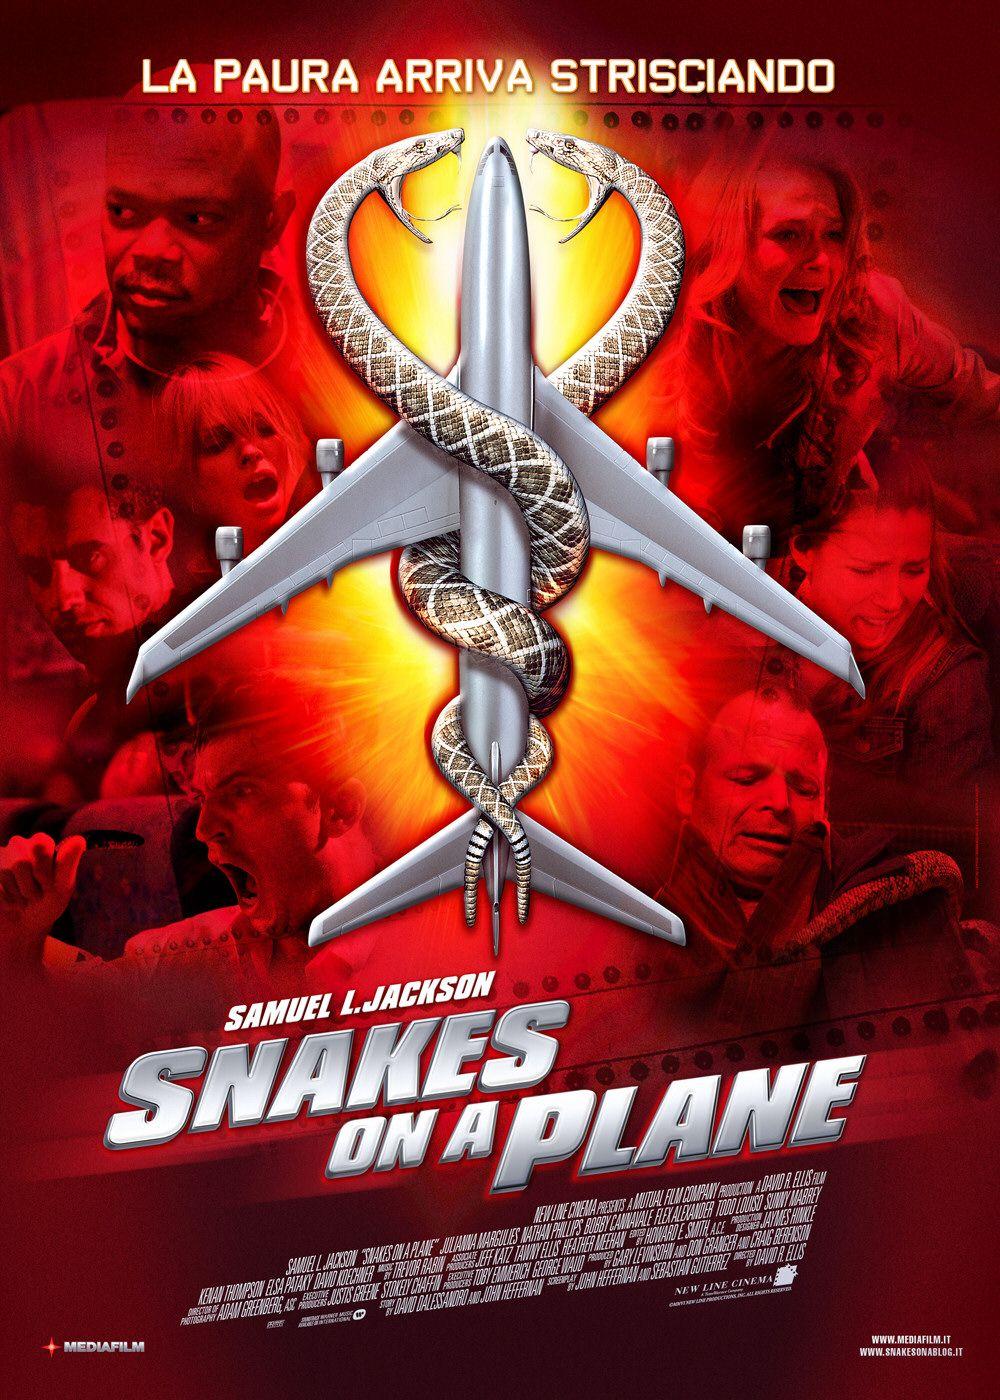 snakes12222222222dd.jpg